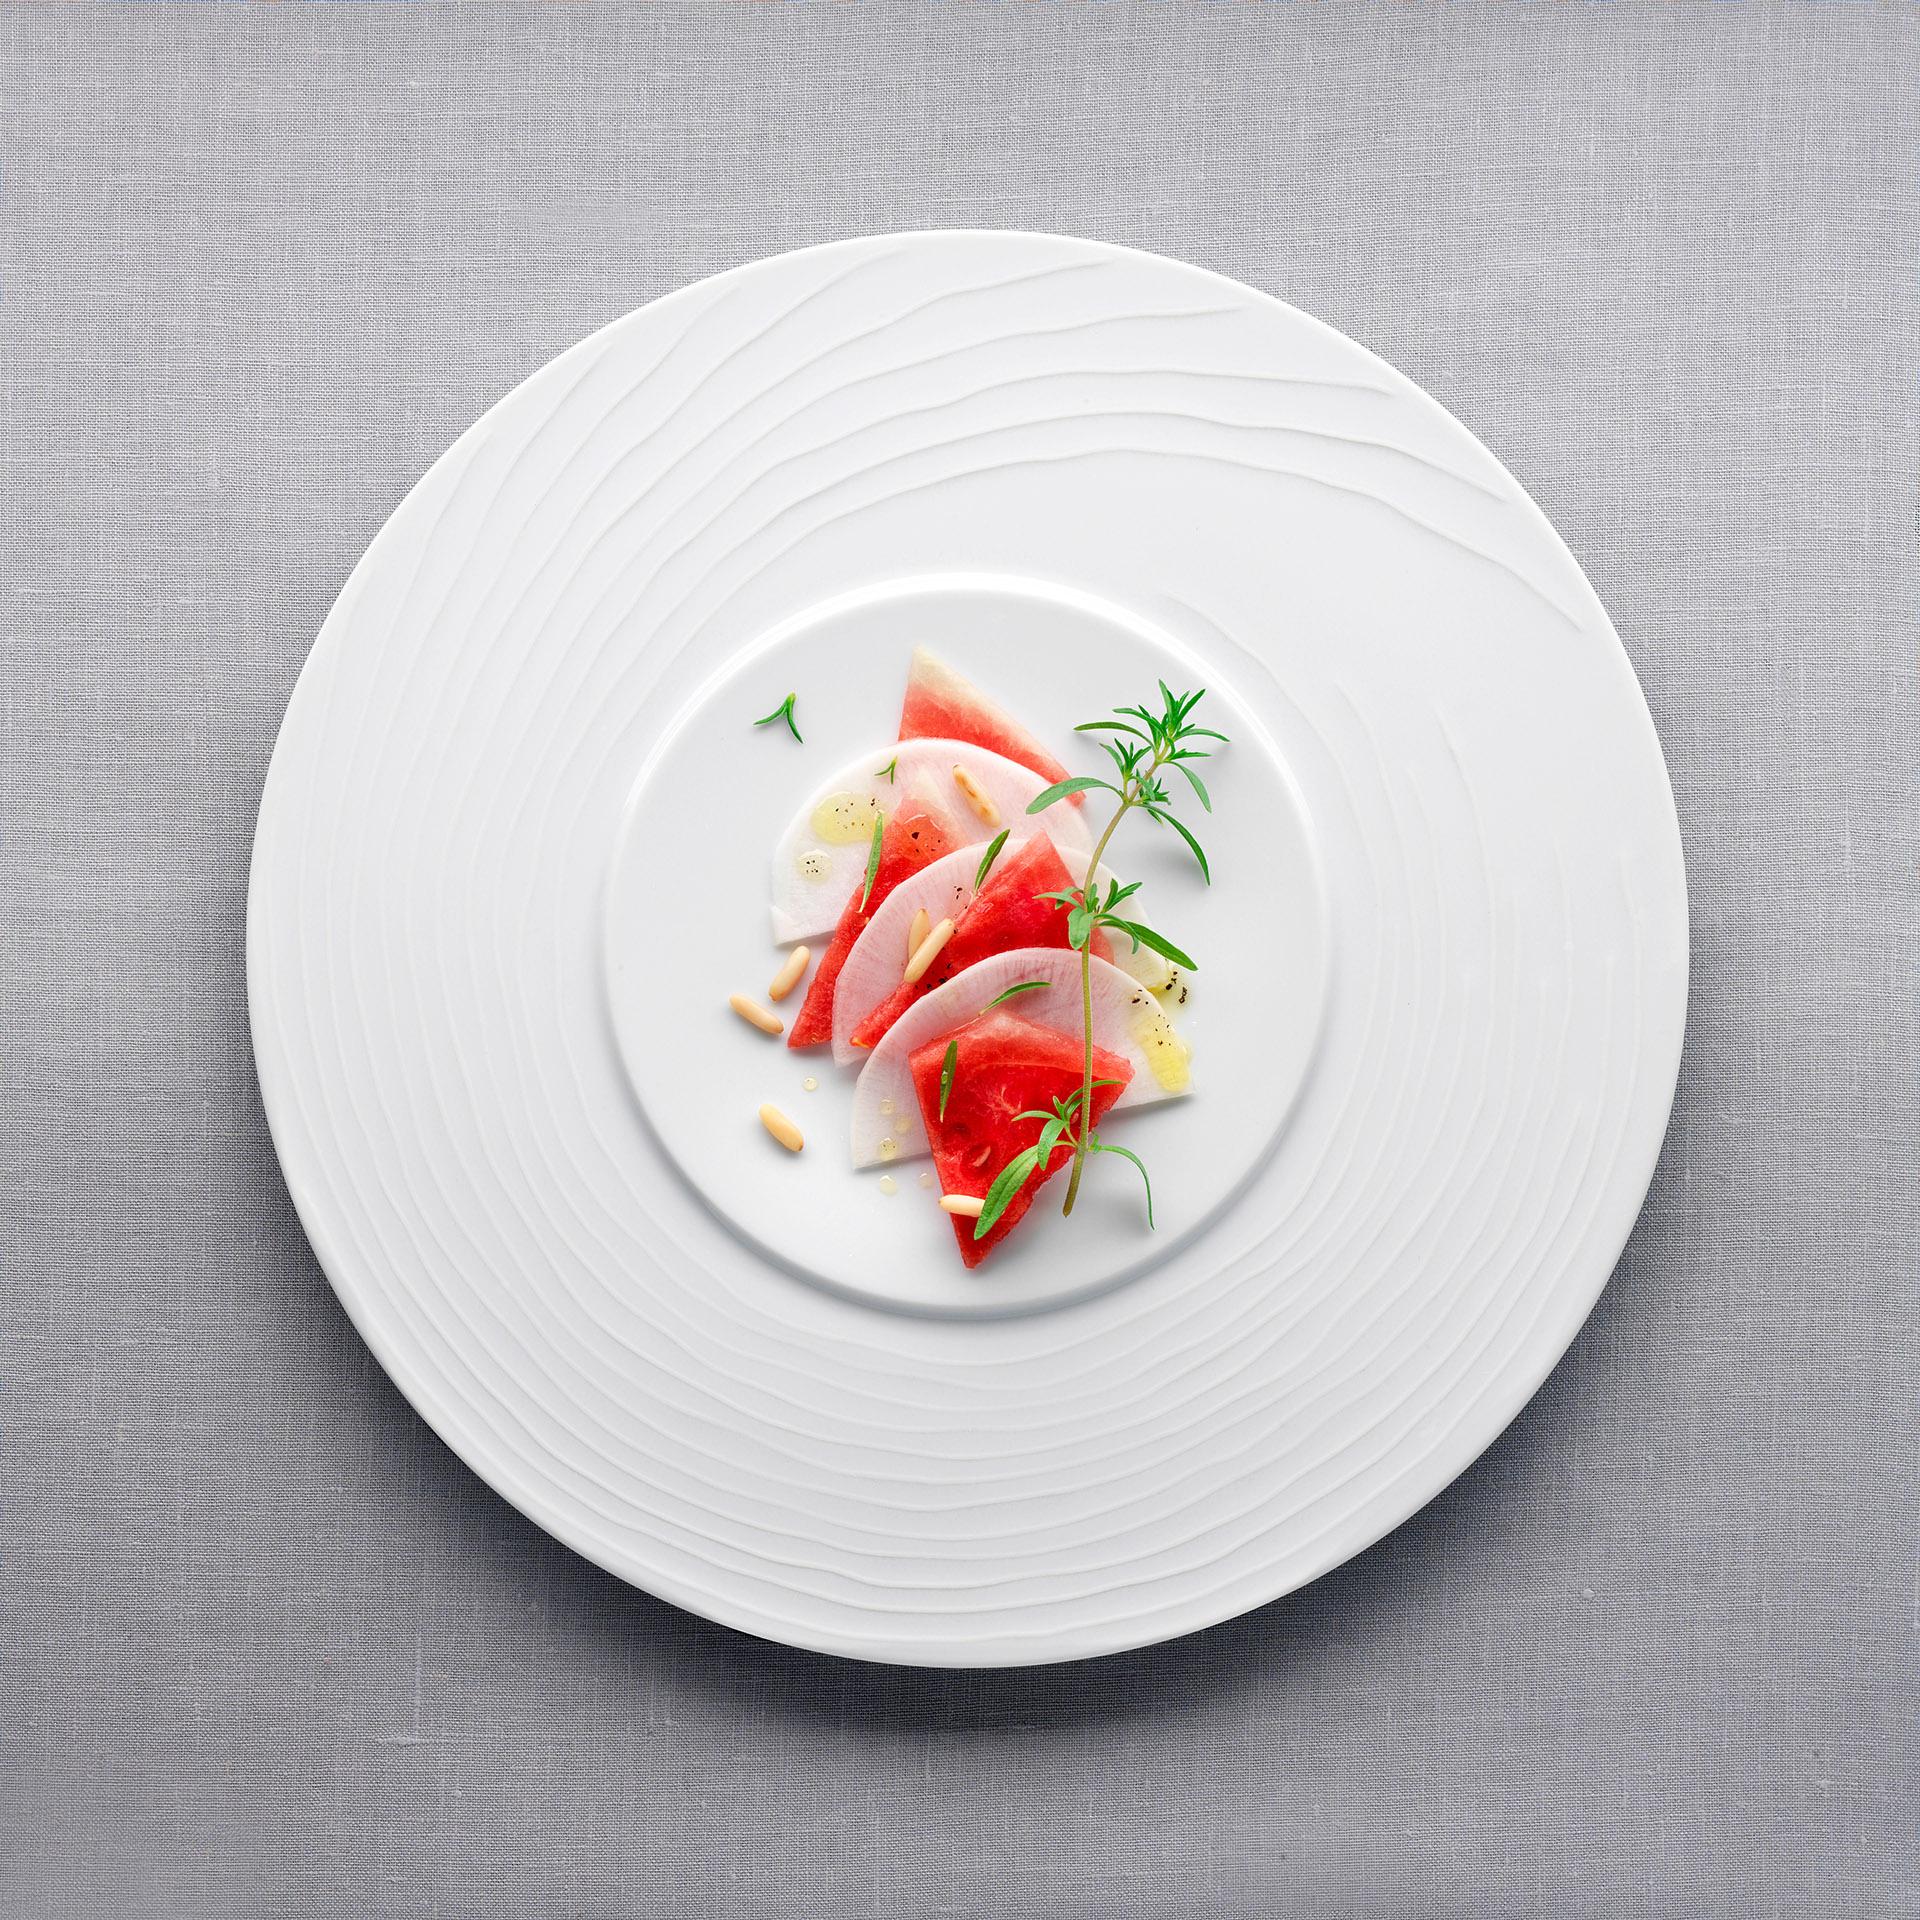 Food-Aufnahme von sommerlichem Melonen-Rettich-Carpaccio. Feigefotodesign